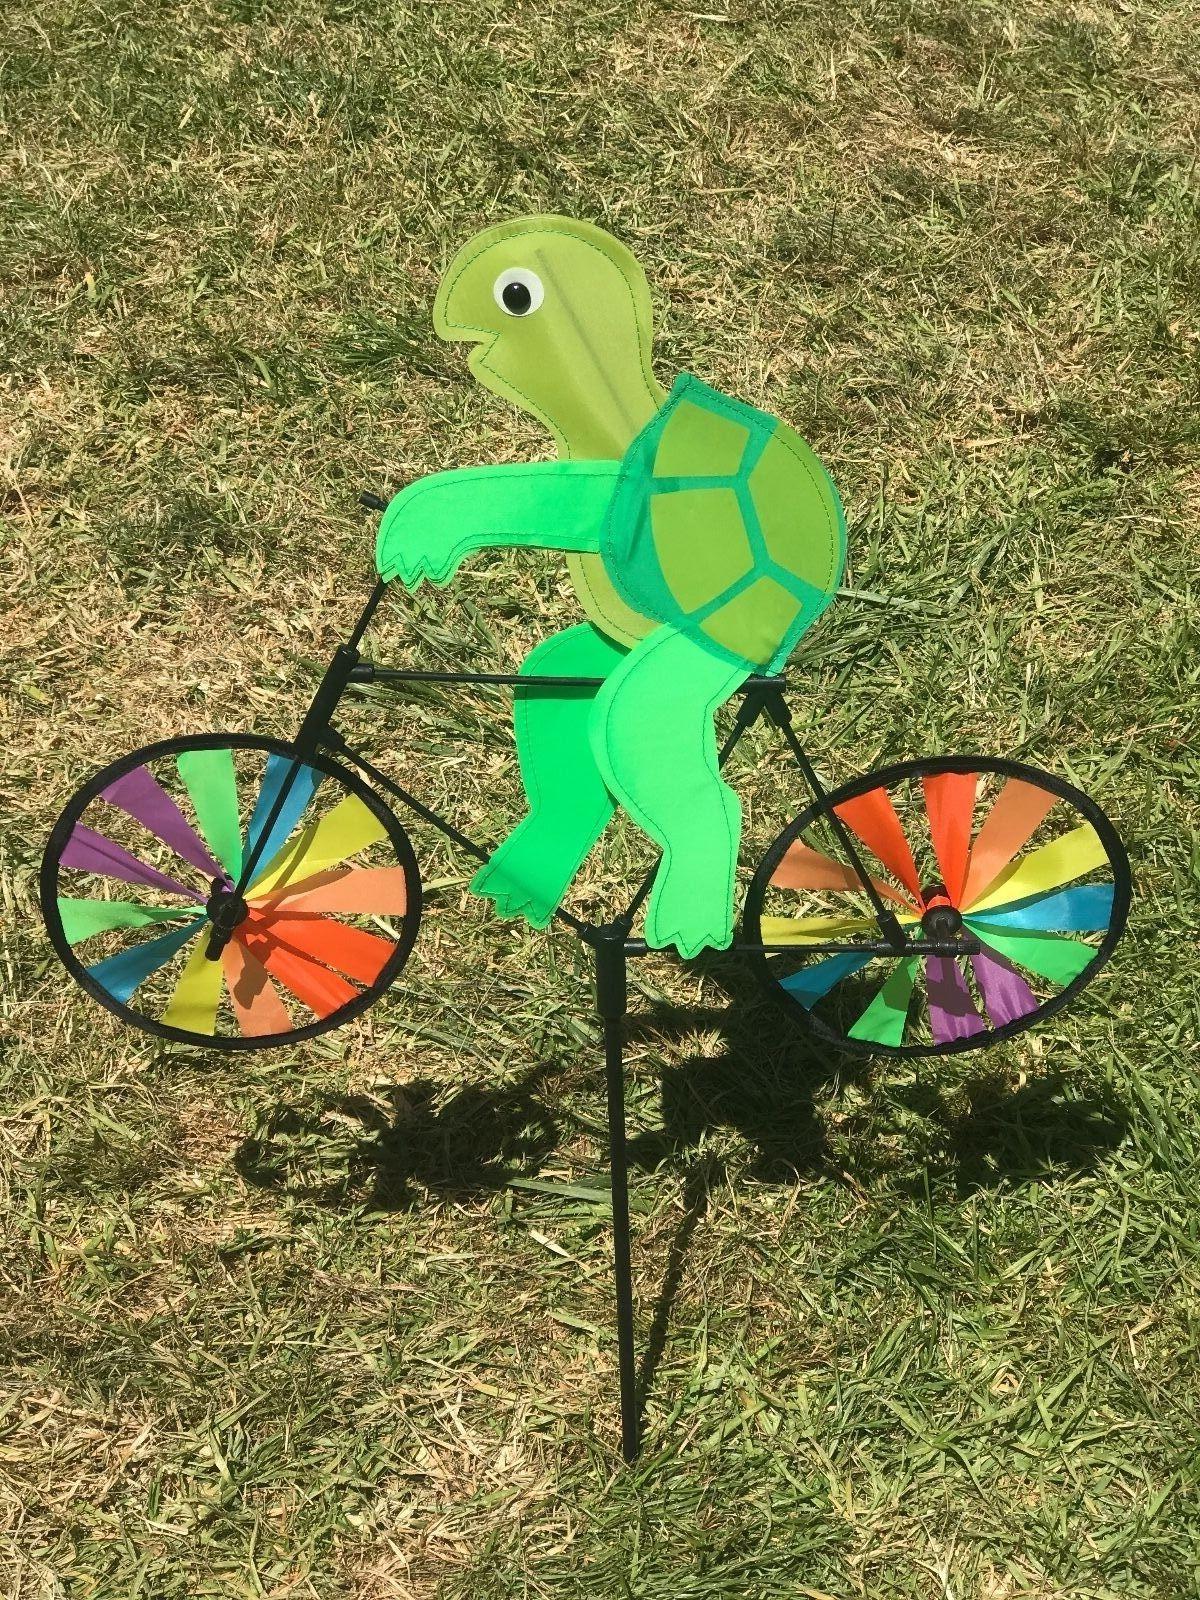 3D Happy Bike Windmill Wind Whirligig Garden Decor